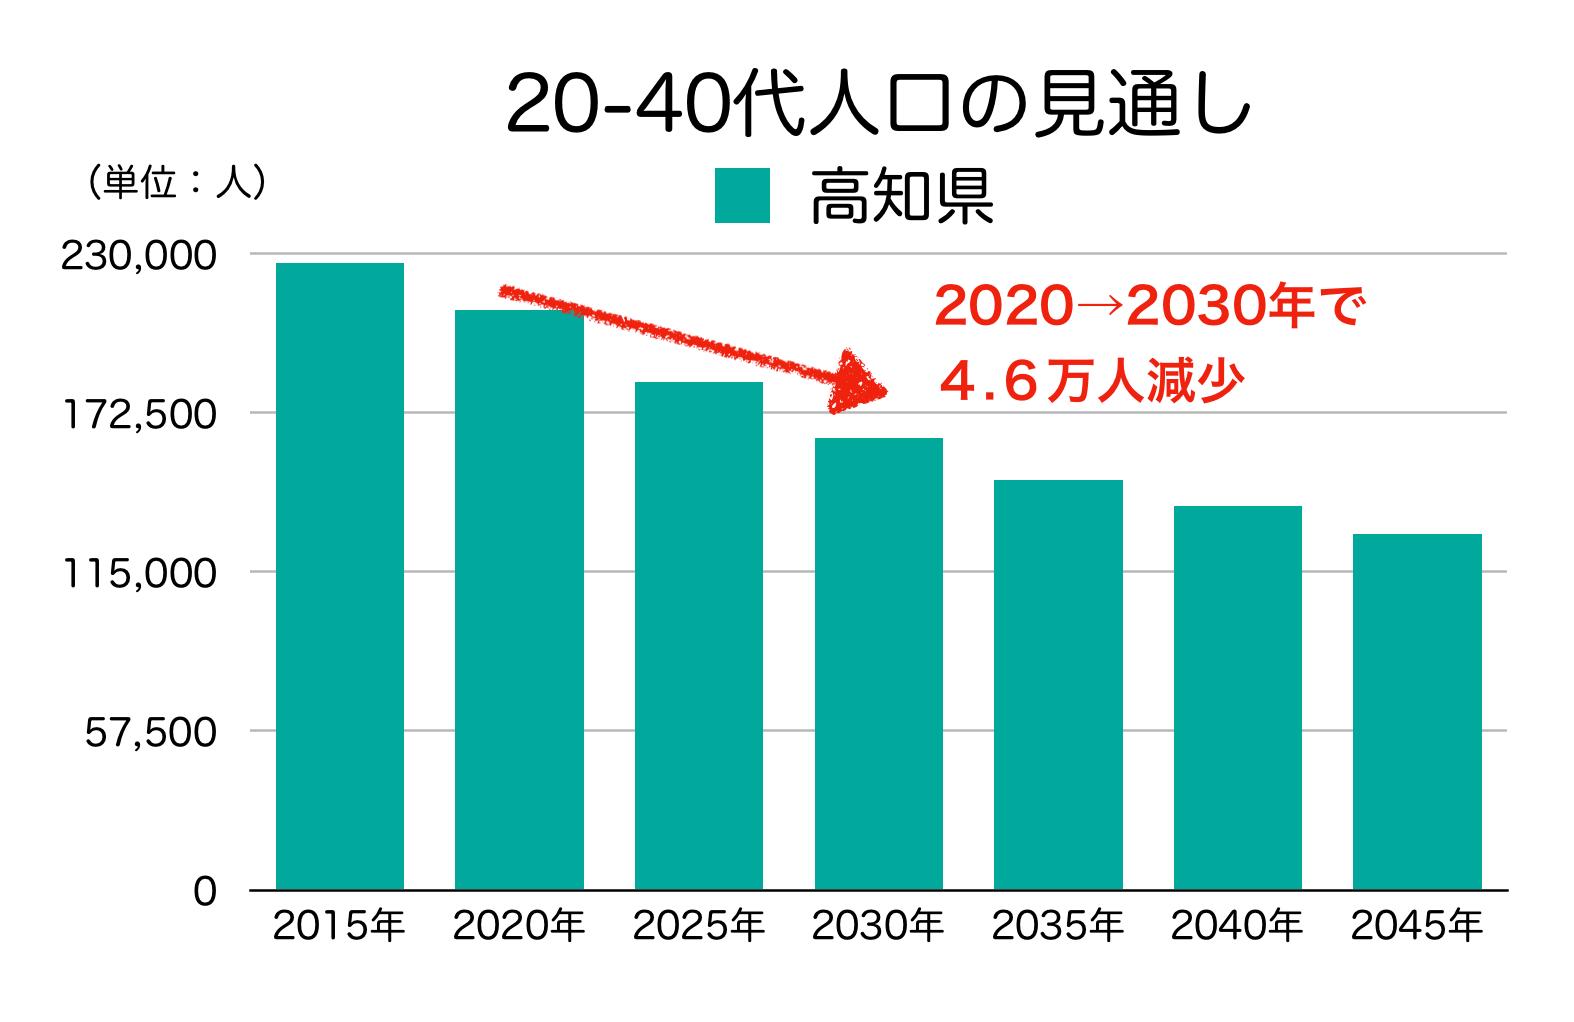 高知県の20-40代人口の見通し